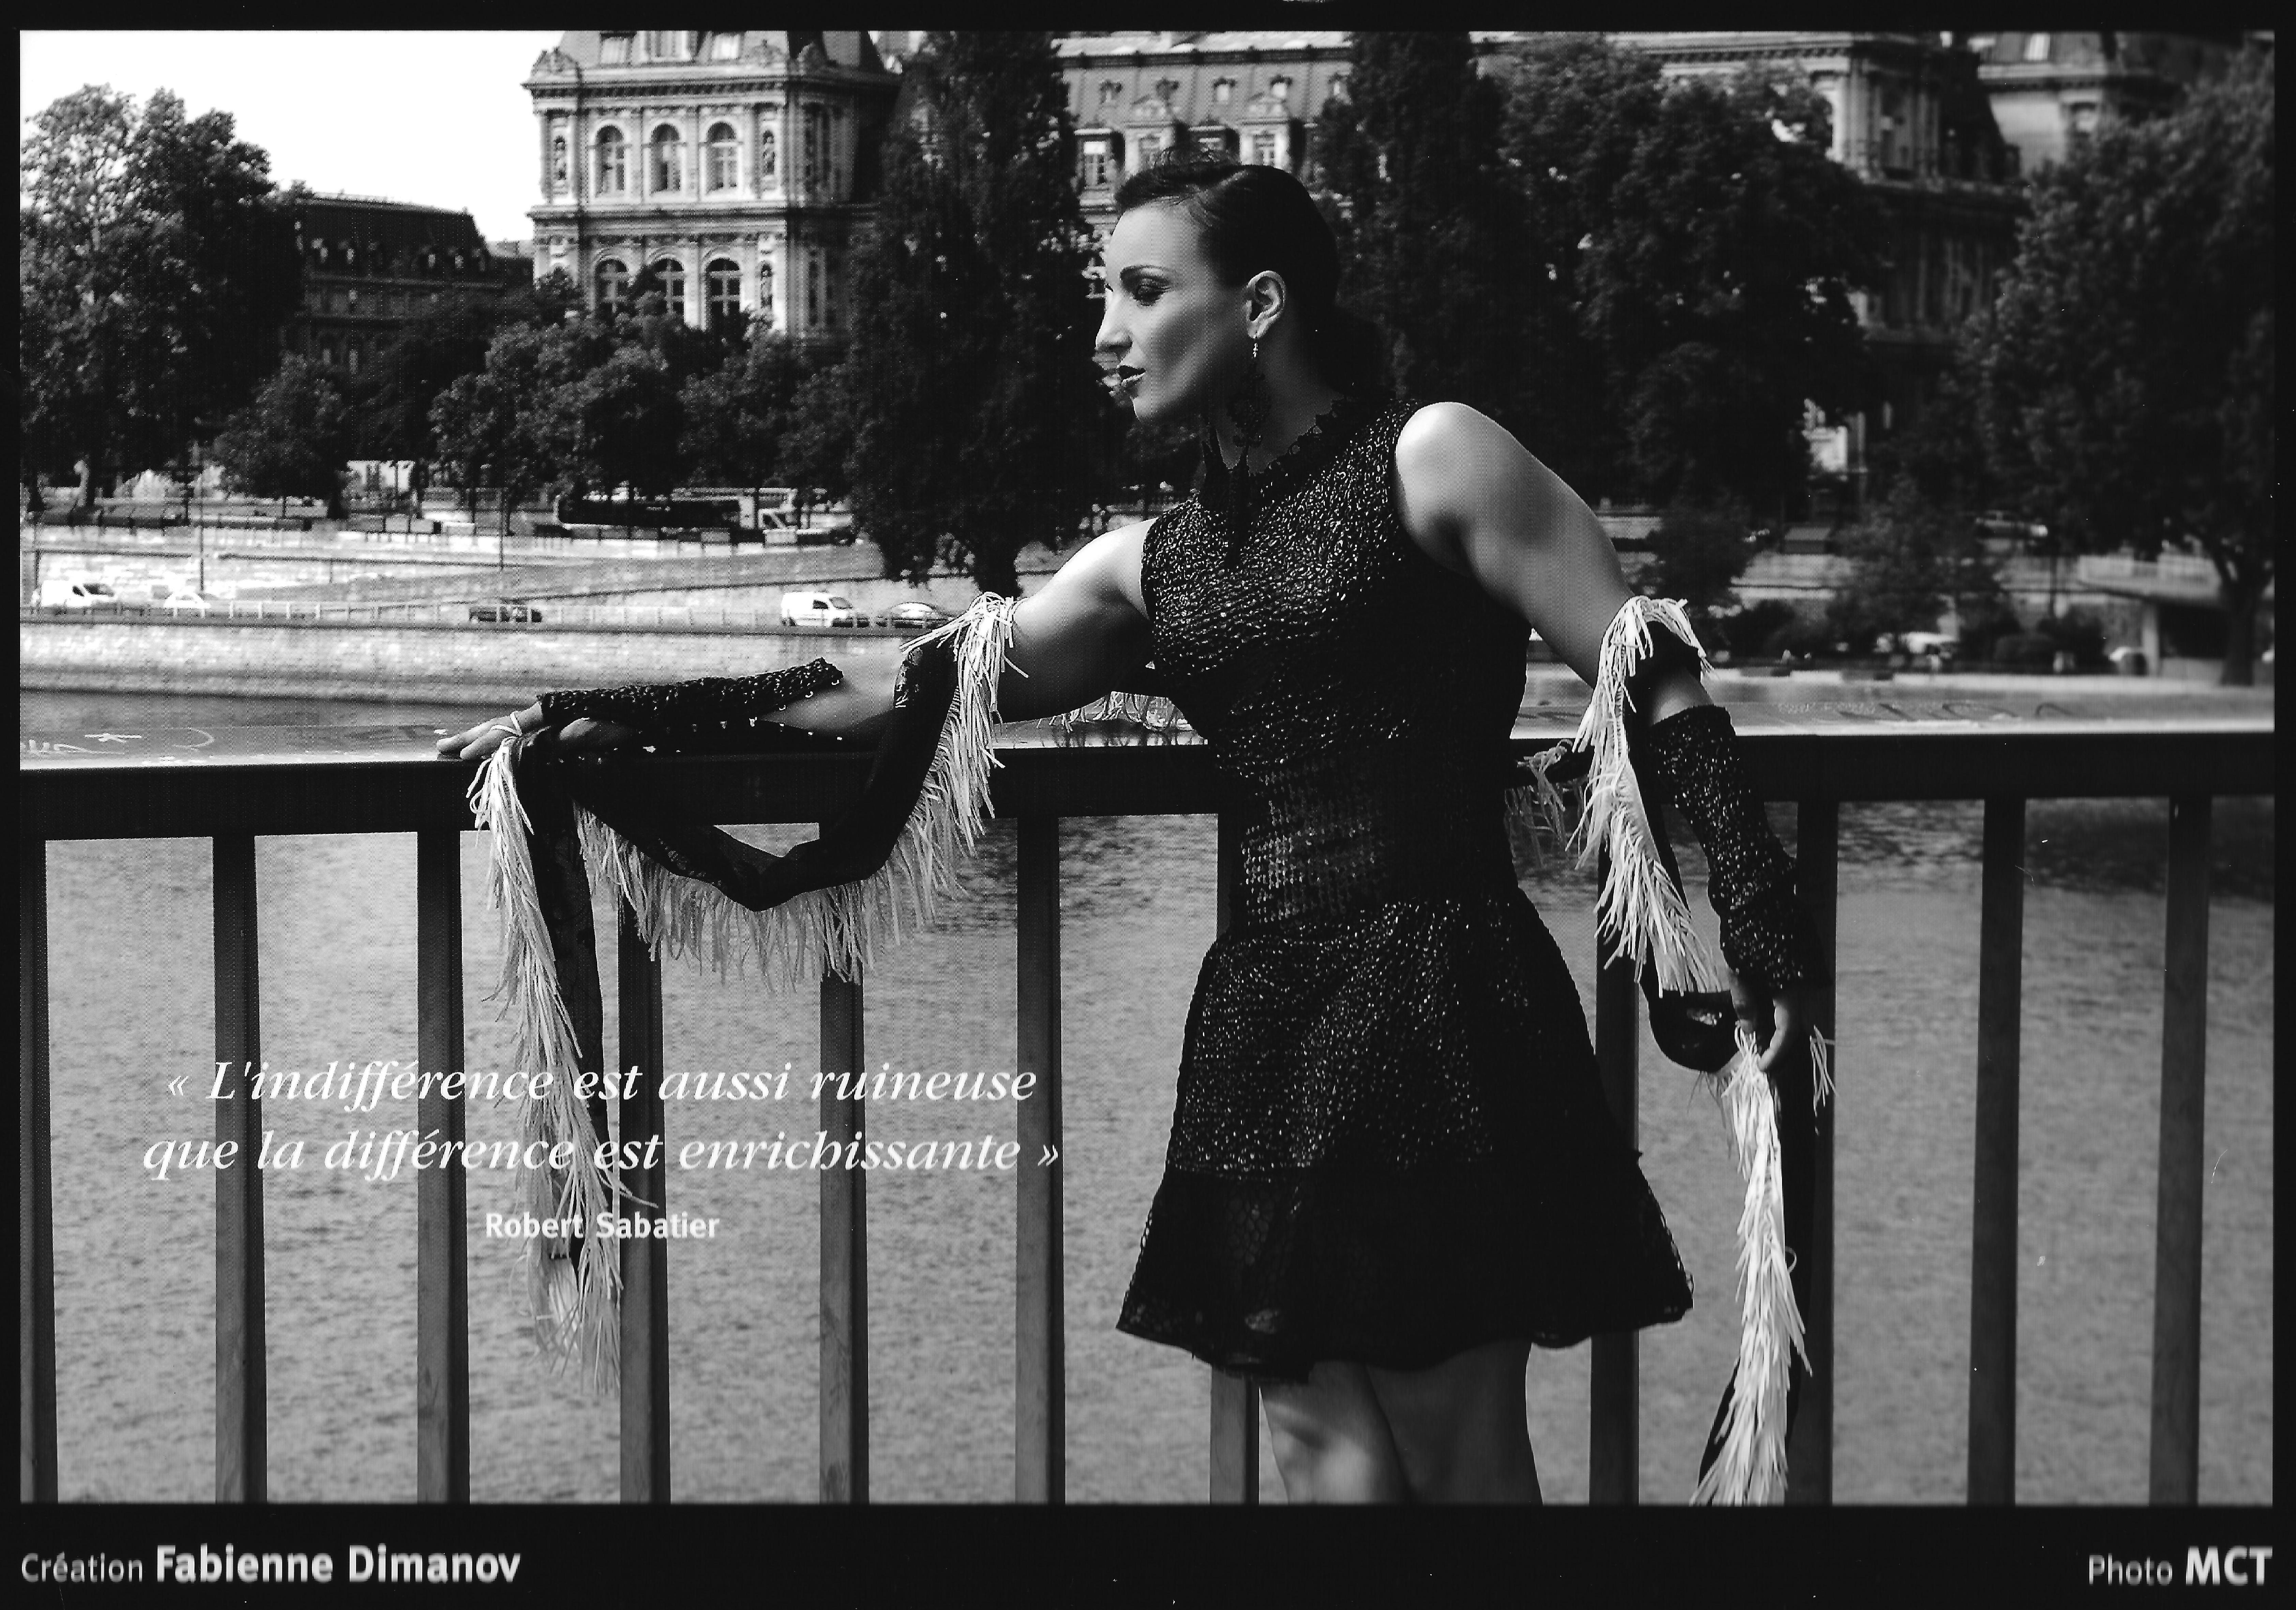 """AOUT 2016 sur le calendrier Ébène & Ivoire - Black & White Sarah Ourahmoune sur le pont Saint Louis. """"L'indifférence est aussi ruineuse que la différence est enrichissante"""" création Black & White de Fabienne Dimanov Paris – à Pont Saint-Louis."""